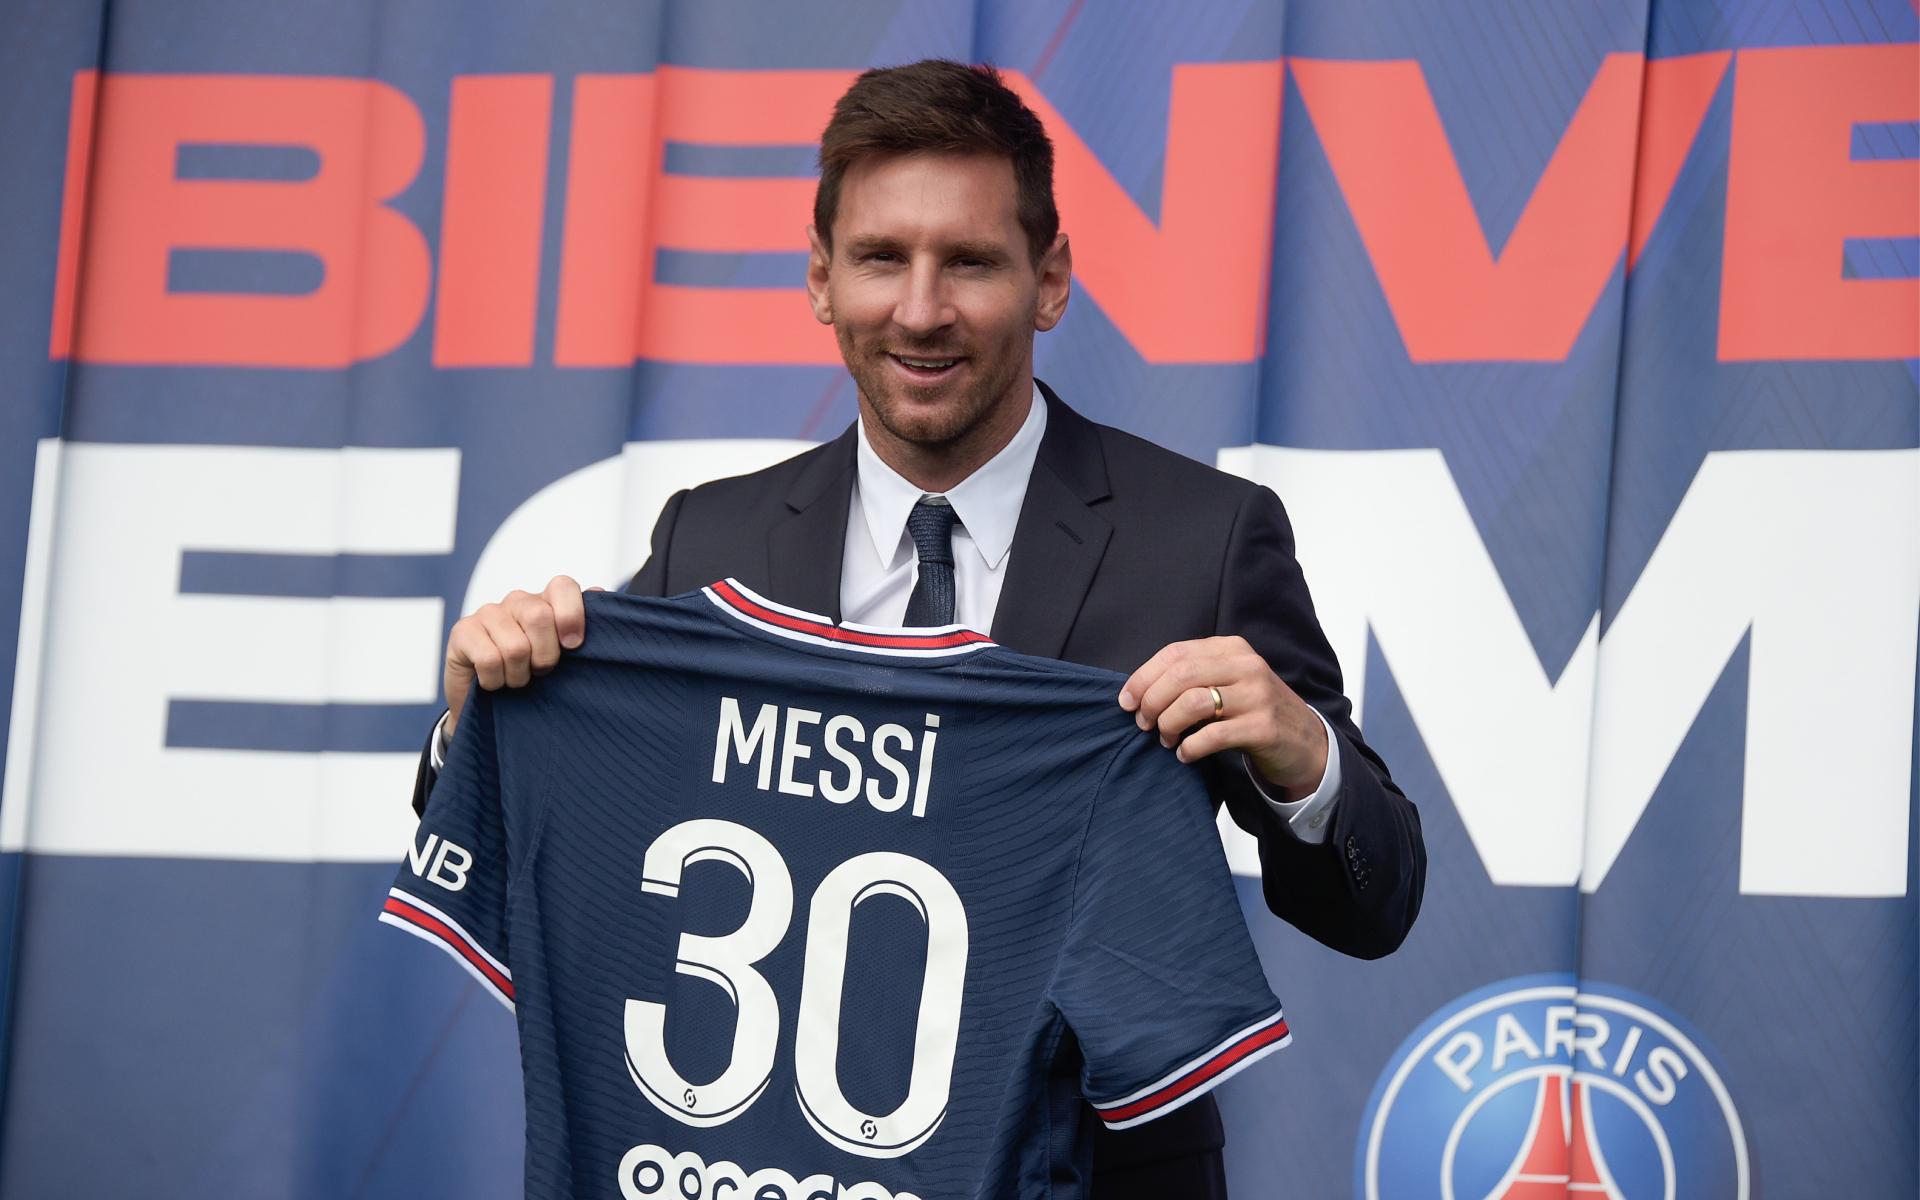 Фото: Лионель Месси во время своей презентации в качестве игрока ПСЖ на стадионе «Парк де Пренс»